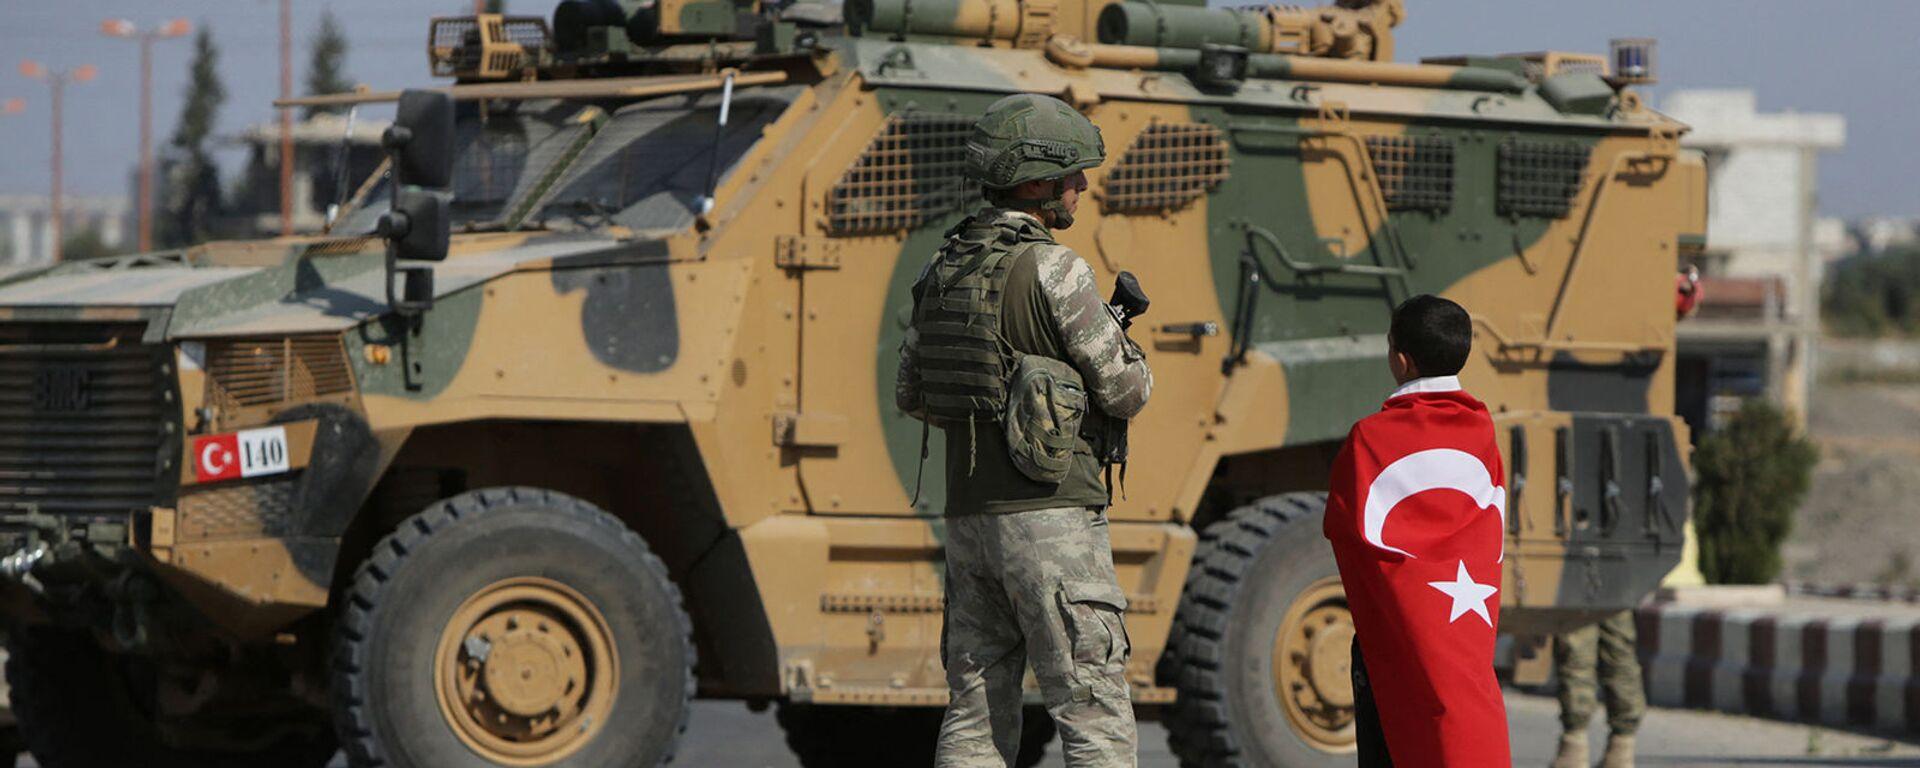 Турецкие солдаты патрулируют у города Таль - Абьяд, расположенный на сирийско-турецкой границе (23 октября 2019). Сирия - Sputnik Грузия, 1920, 23.09.2021